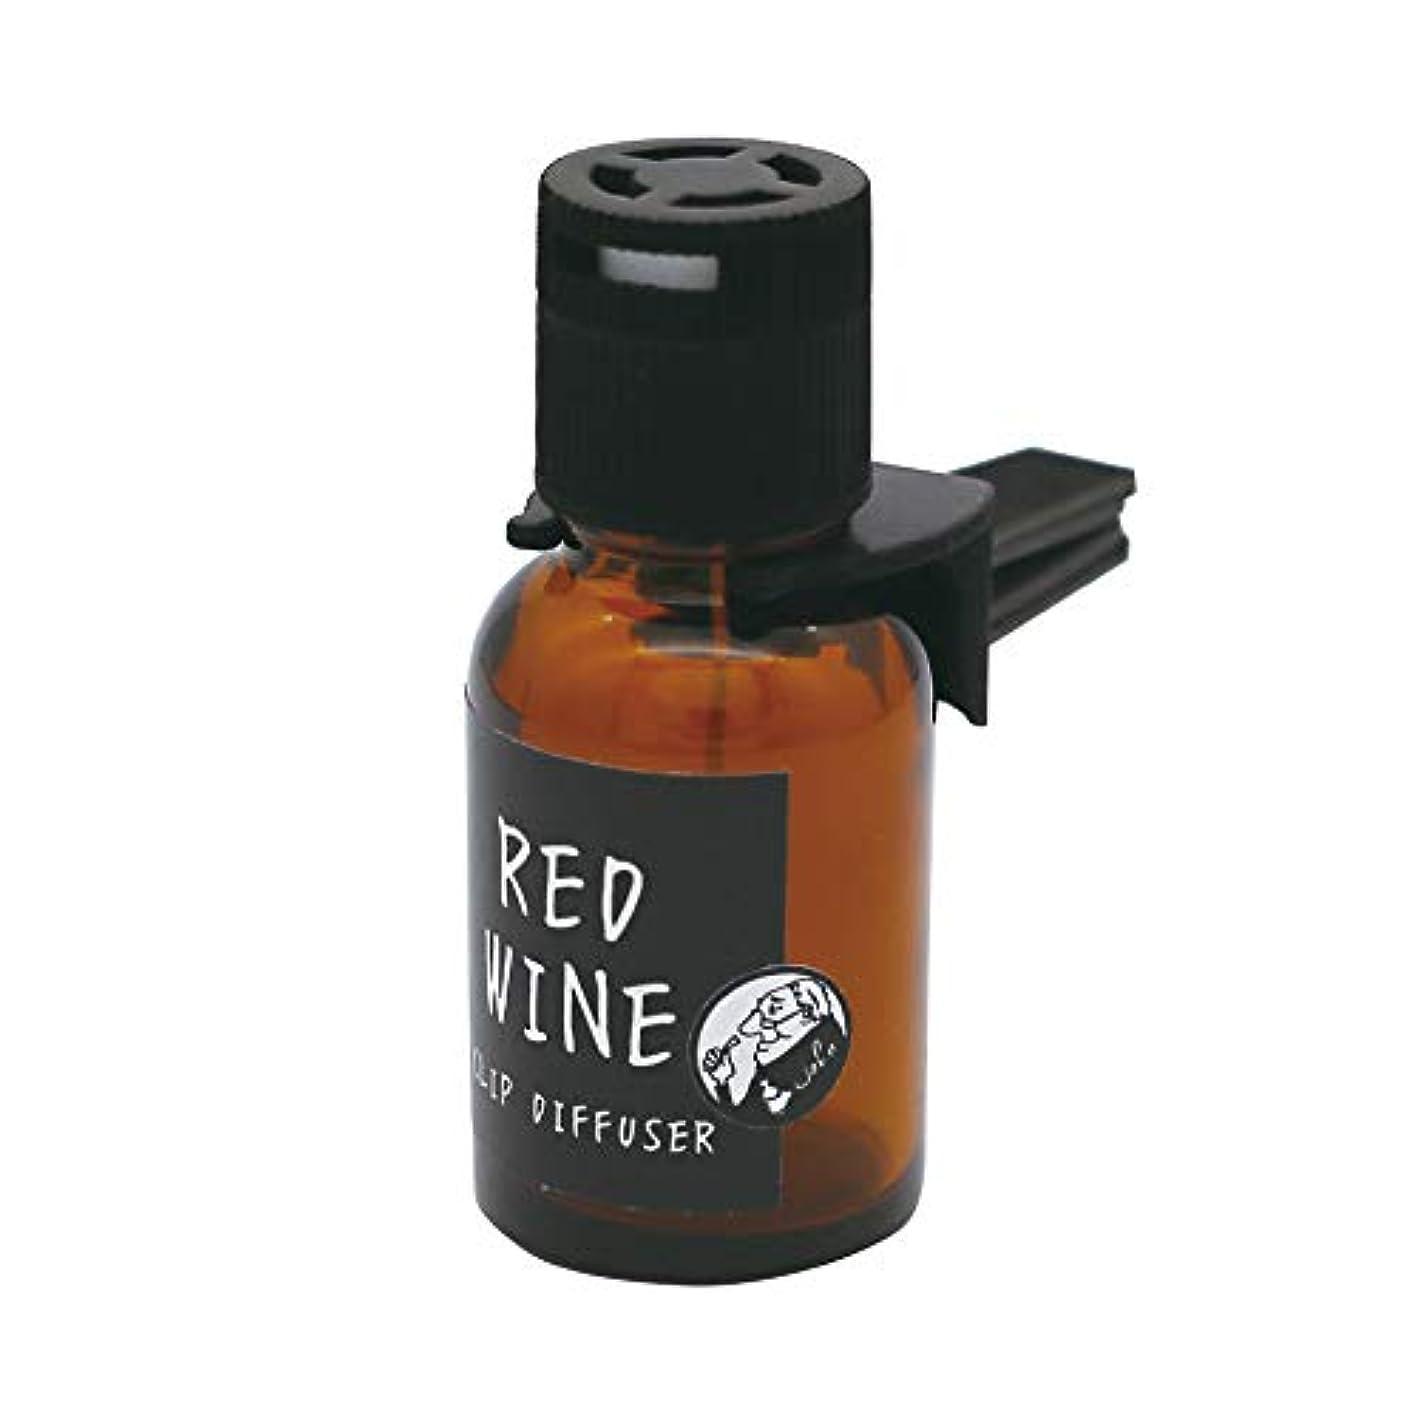 出身地ピーク合金ノルコーポレーション 車用 芳香剤 ジョンズブレンド クリップディフューザー レッドワインの香り 18ml